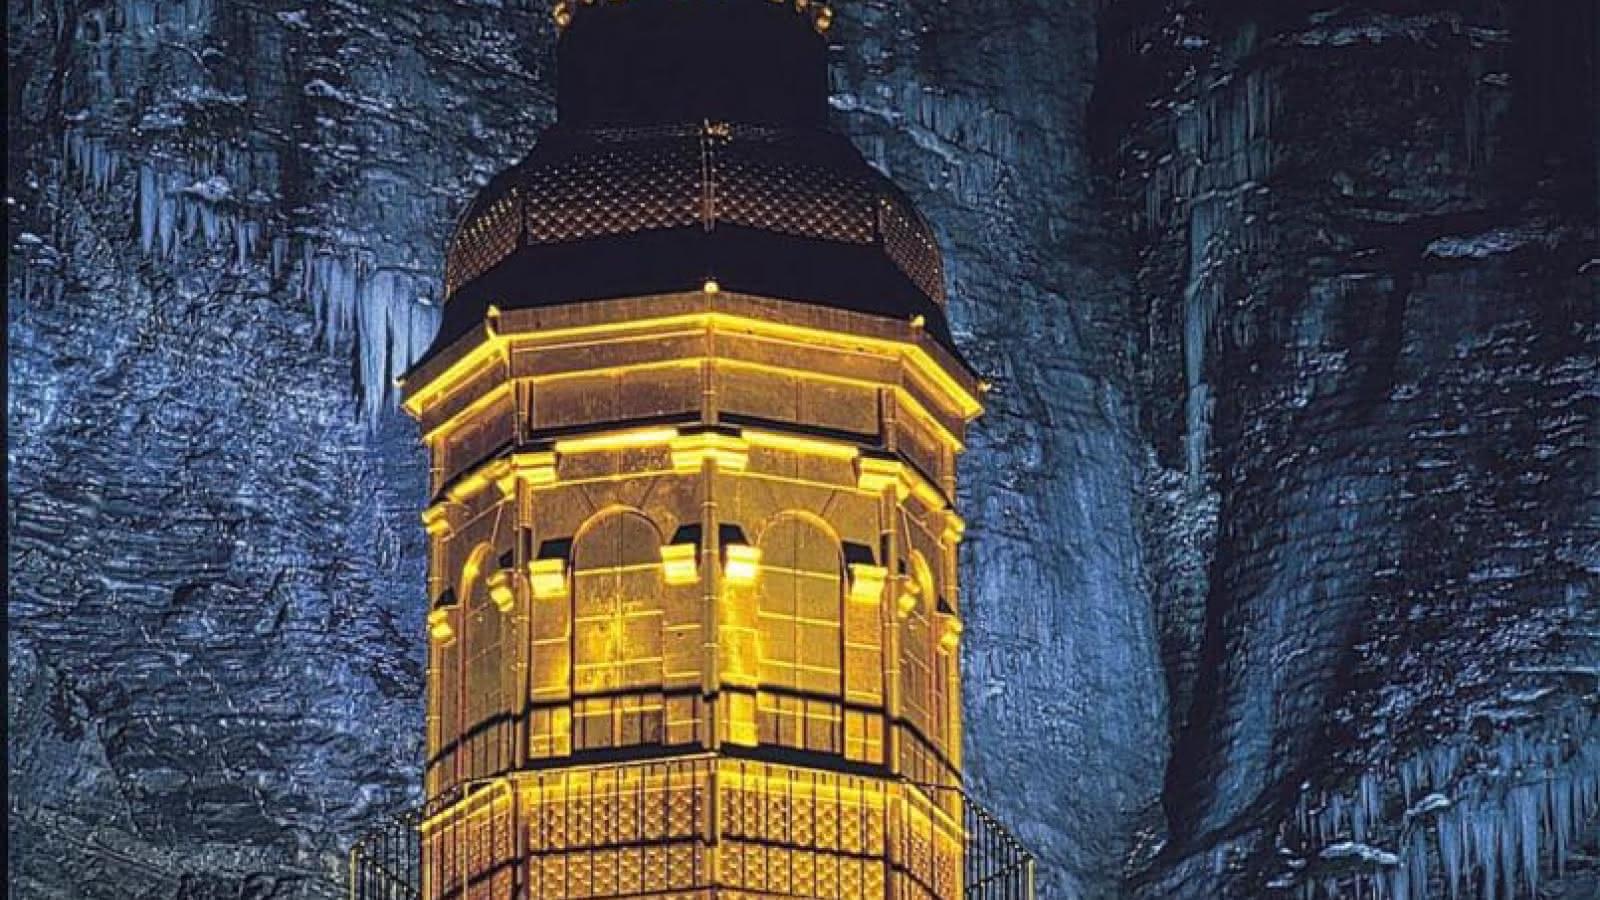 Le clocher en cuivre